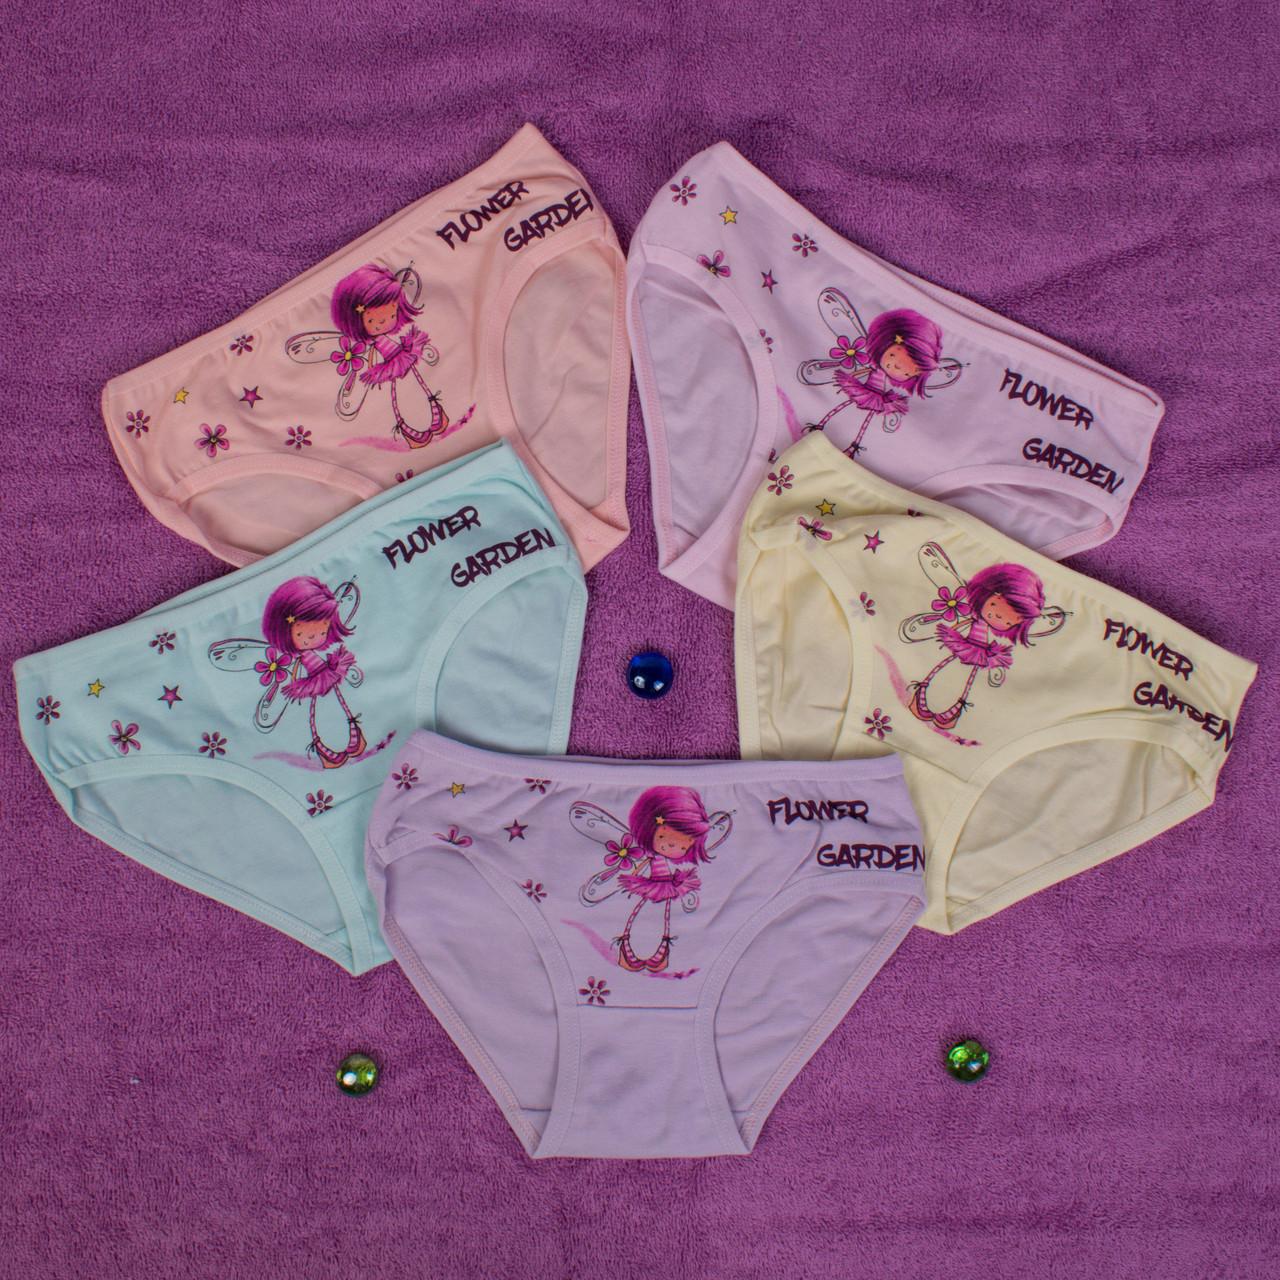 Детские трусики для девочки Турция. Donella 4171WFG. Размер на 4-5 лет